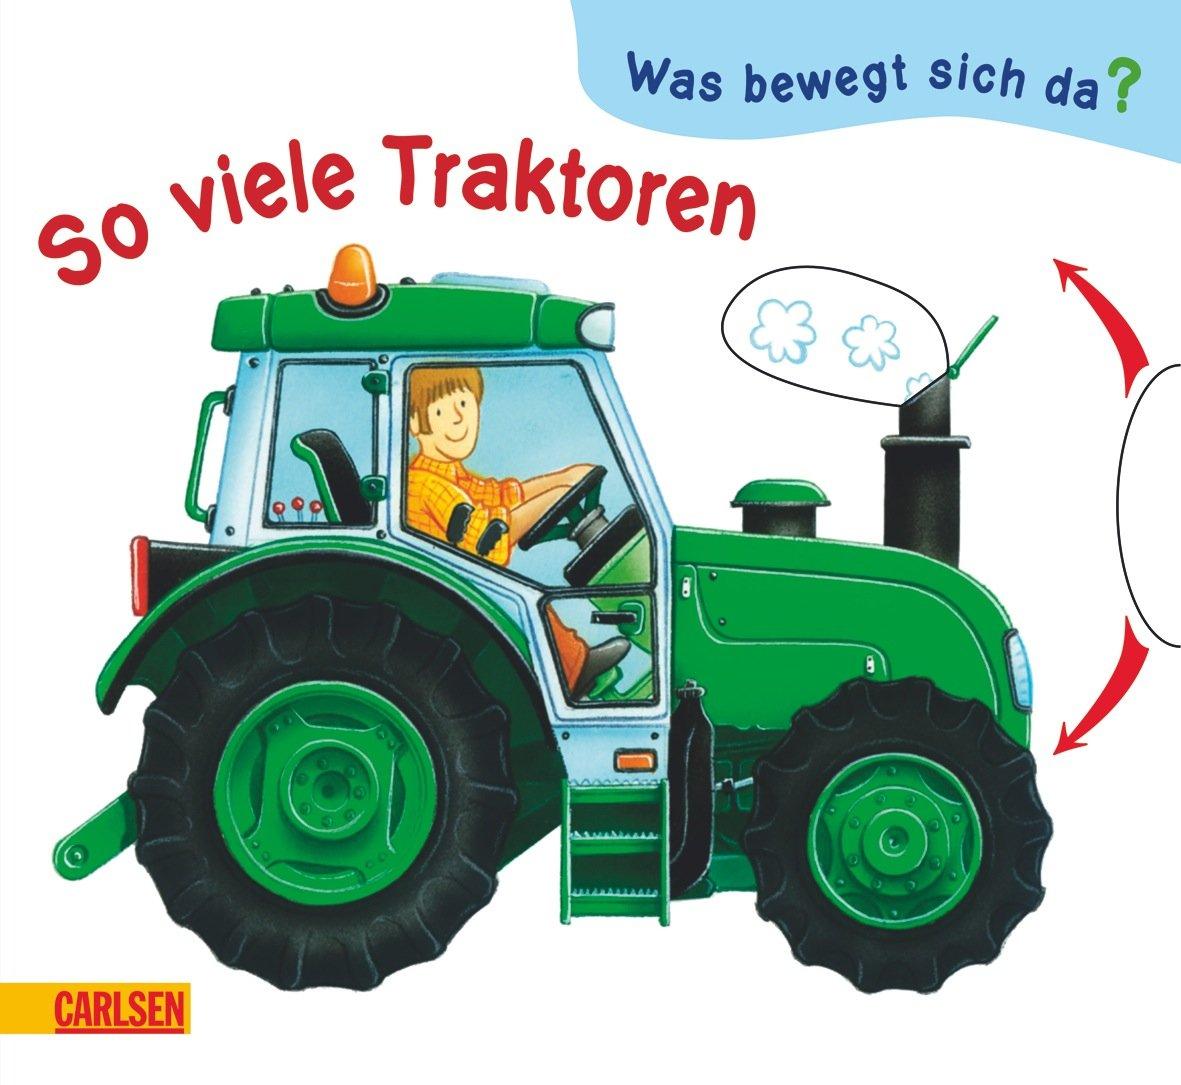 Was bewegt sich da?: So viele Traktoren